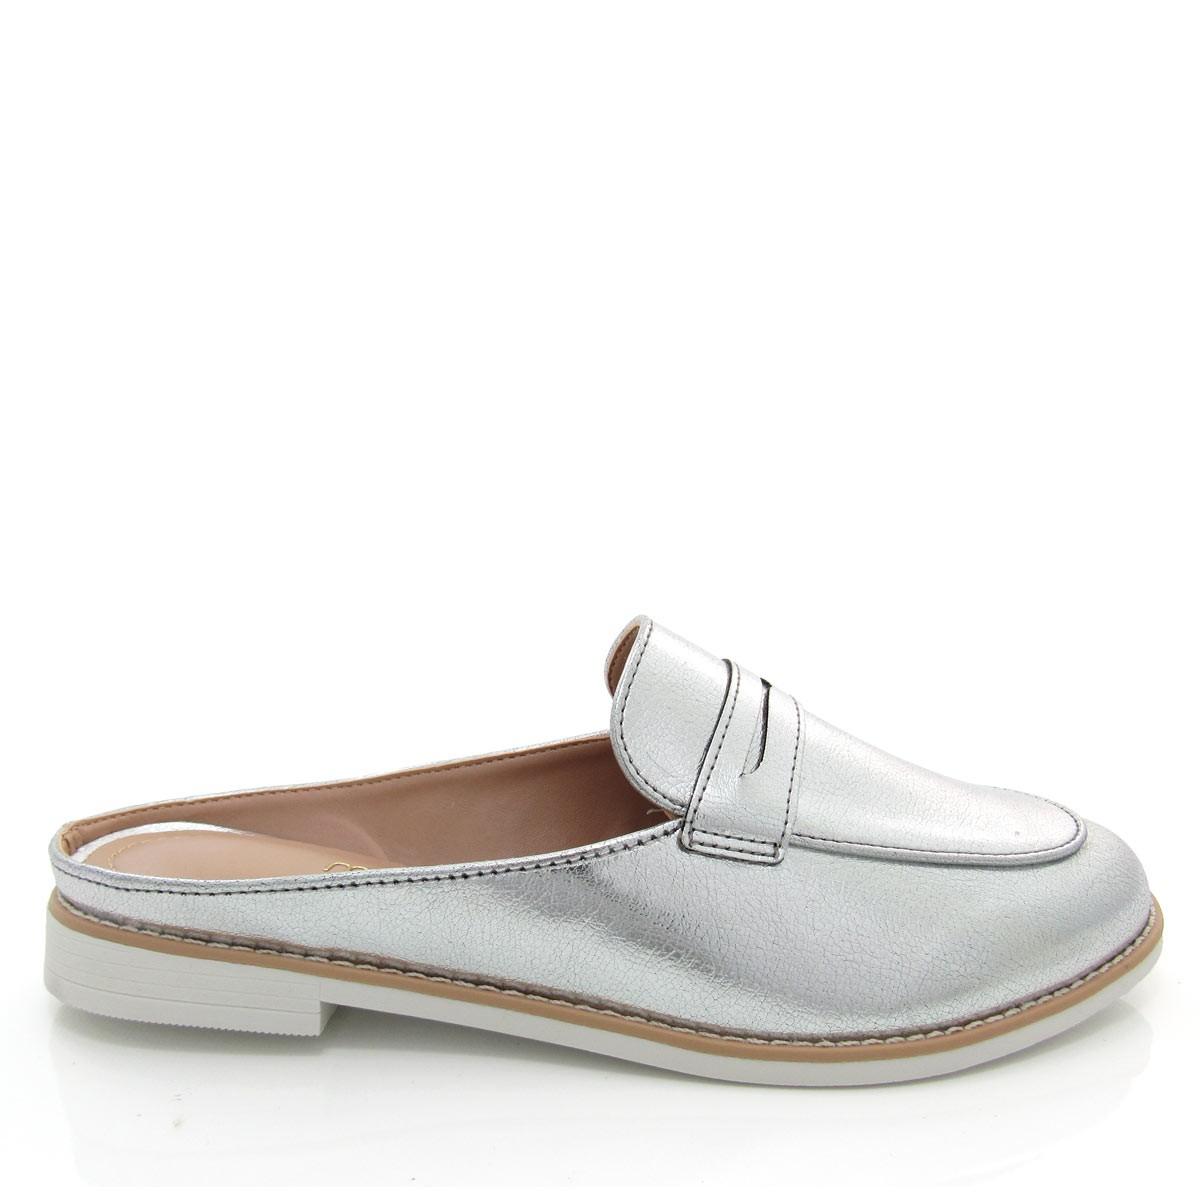 dbd7cc707c Sapato Mocassim Mule Feminino Mariotta 17175-147 Metalizado Coleção 2018